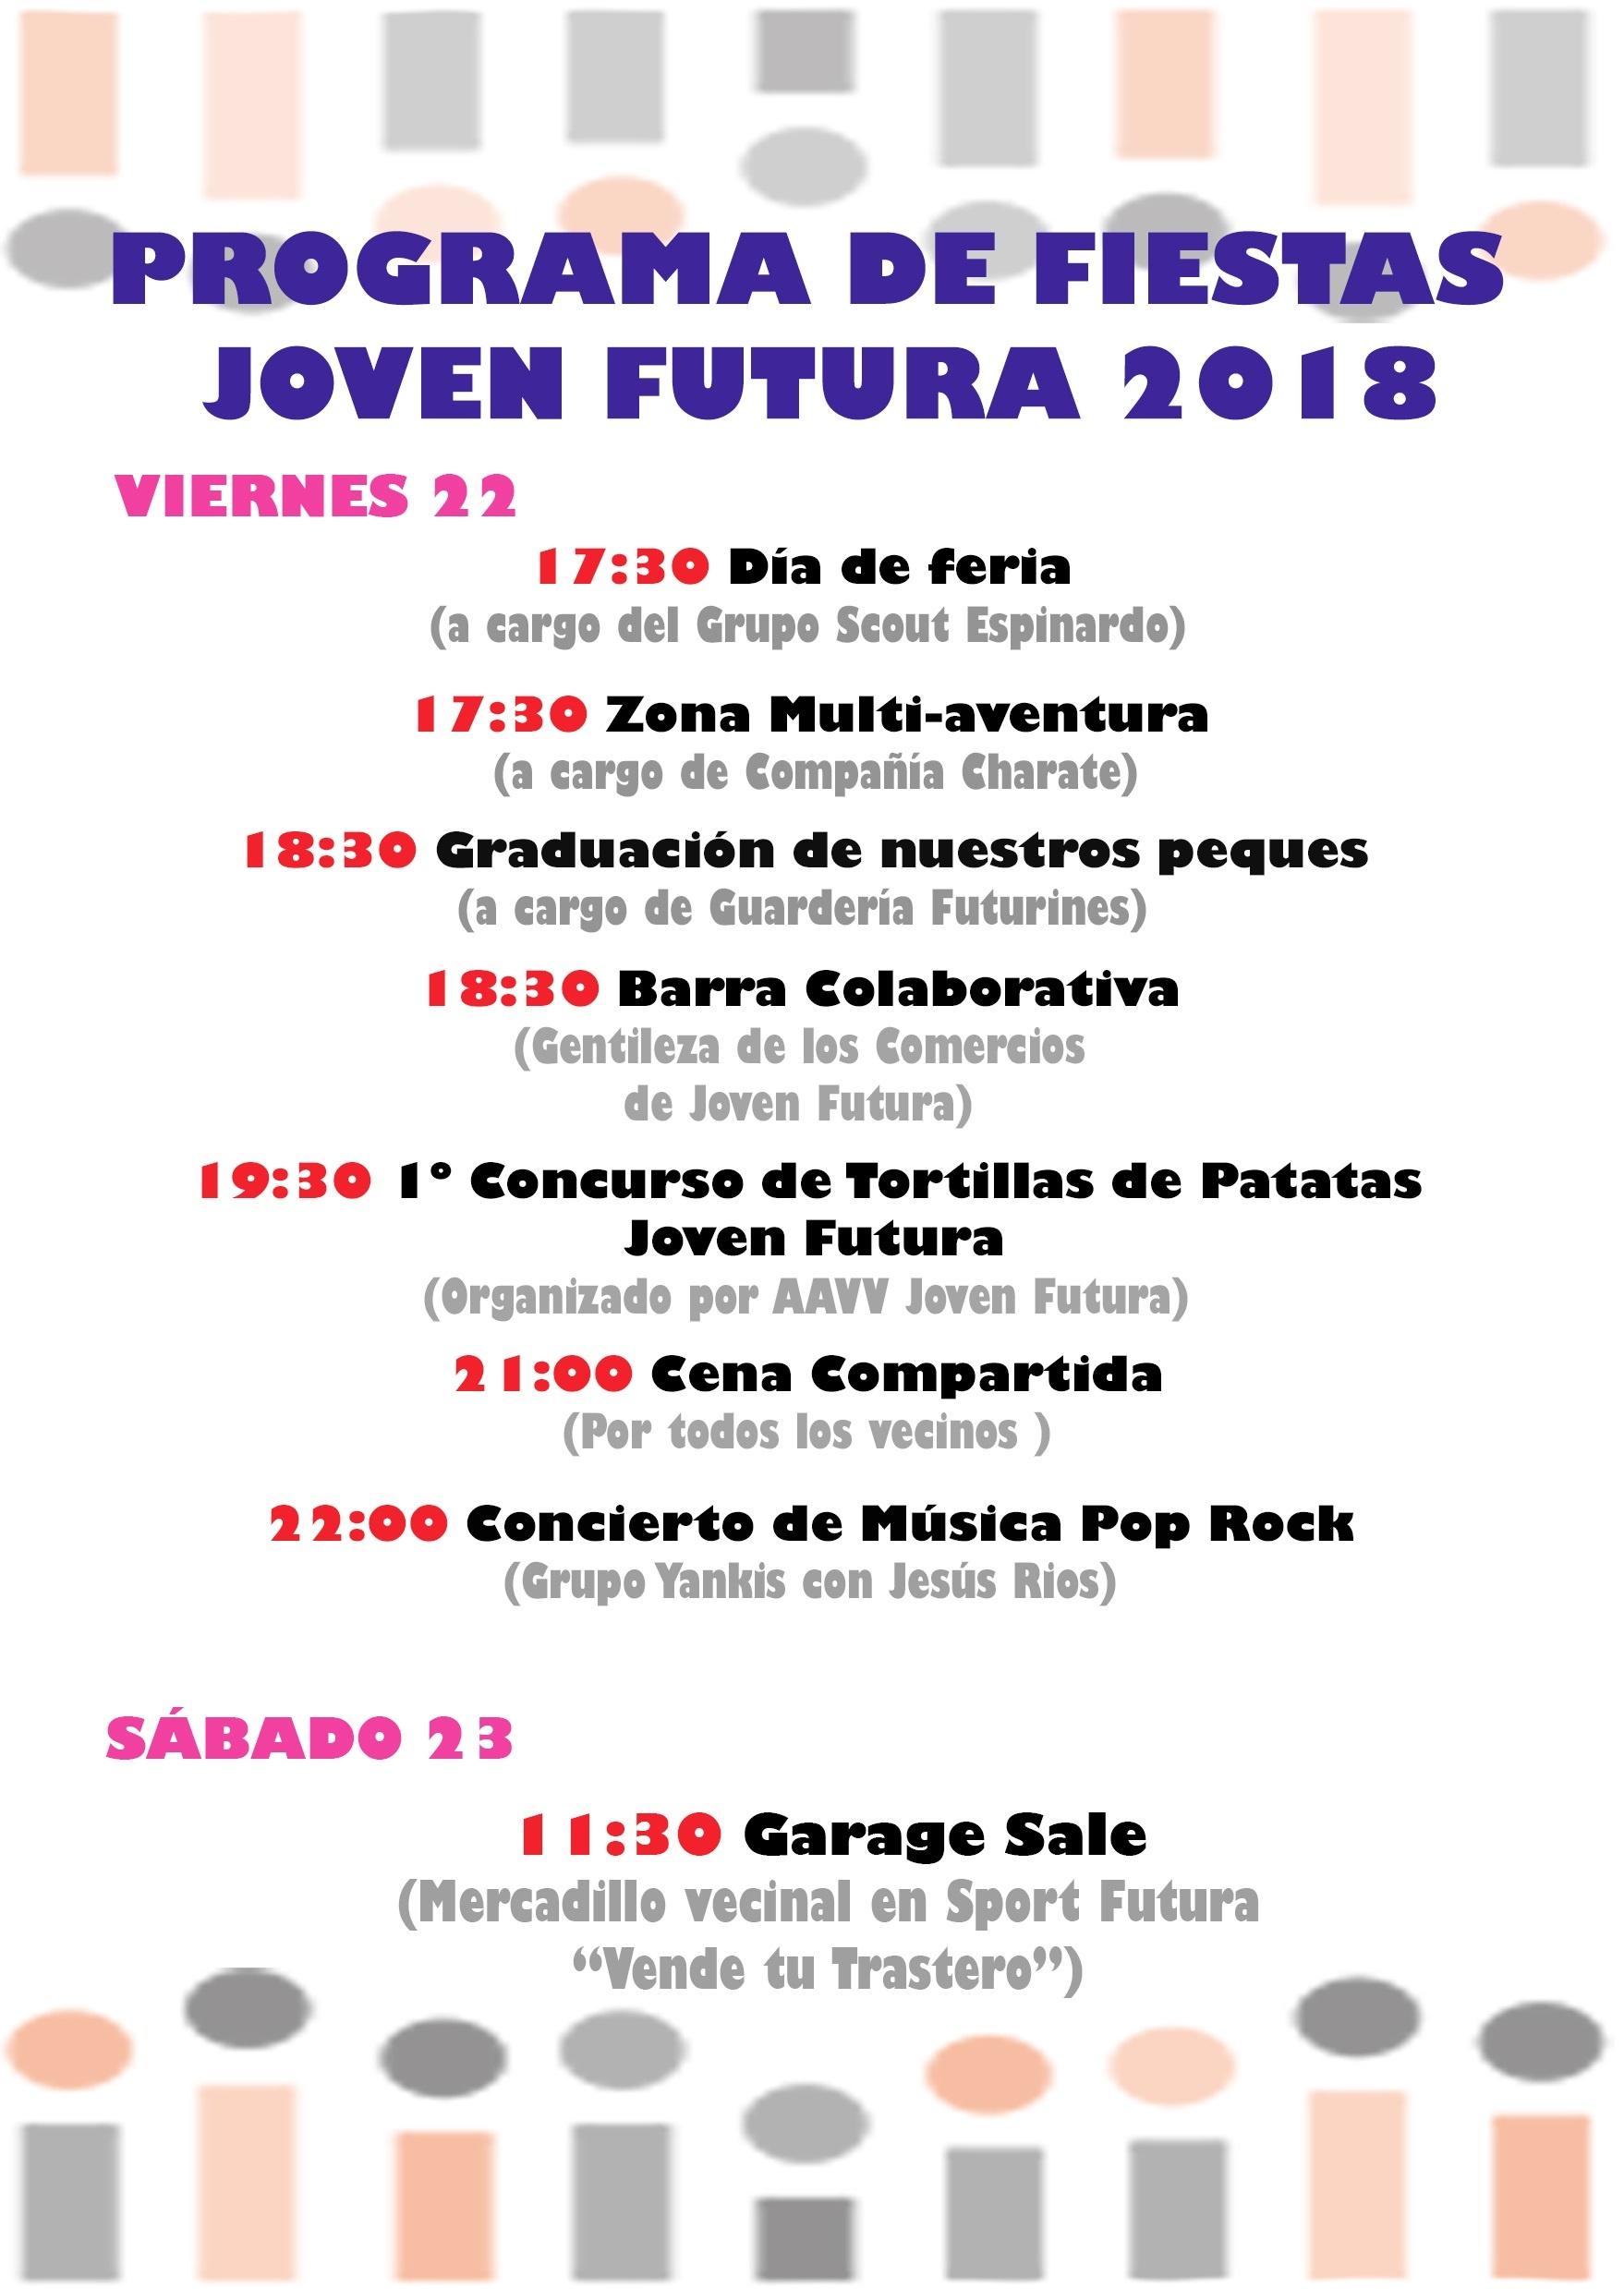 2018-06-12 Programa de Fiestas Joven Futura 2018